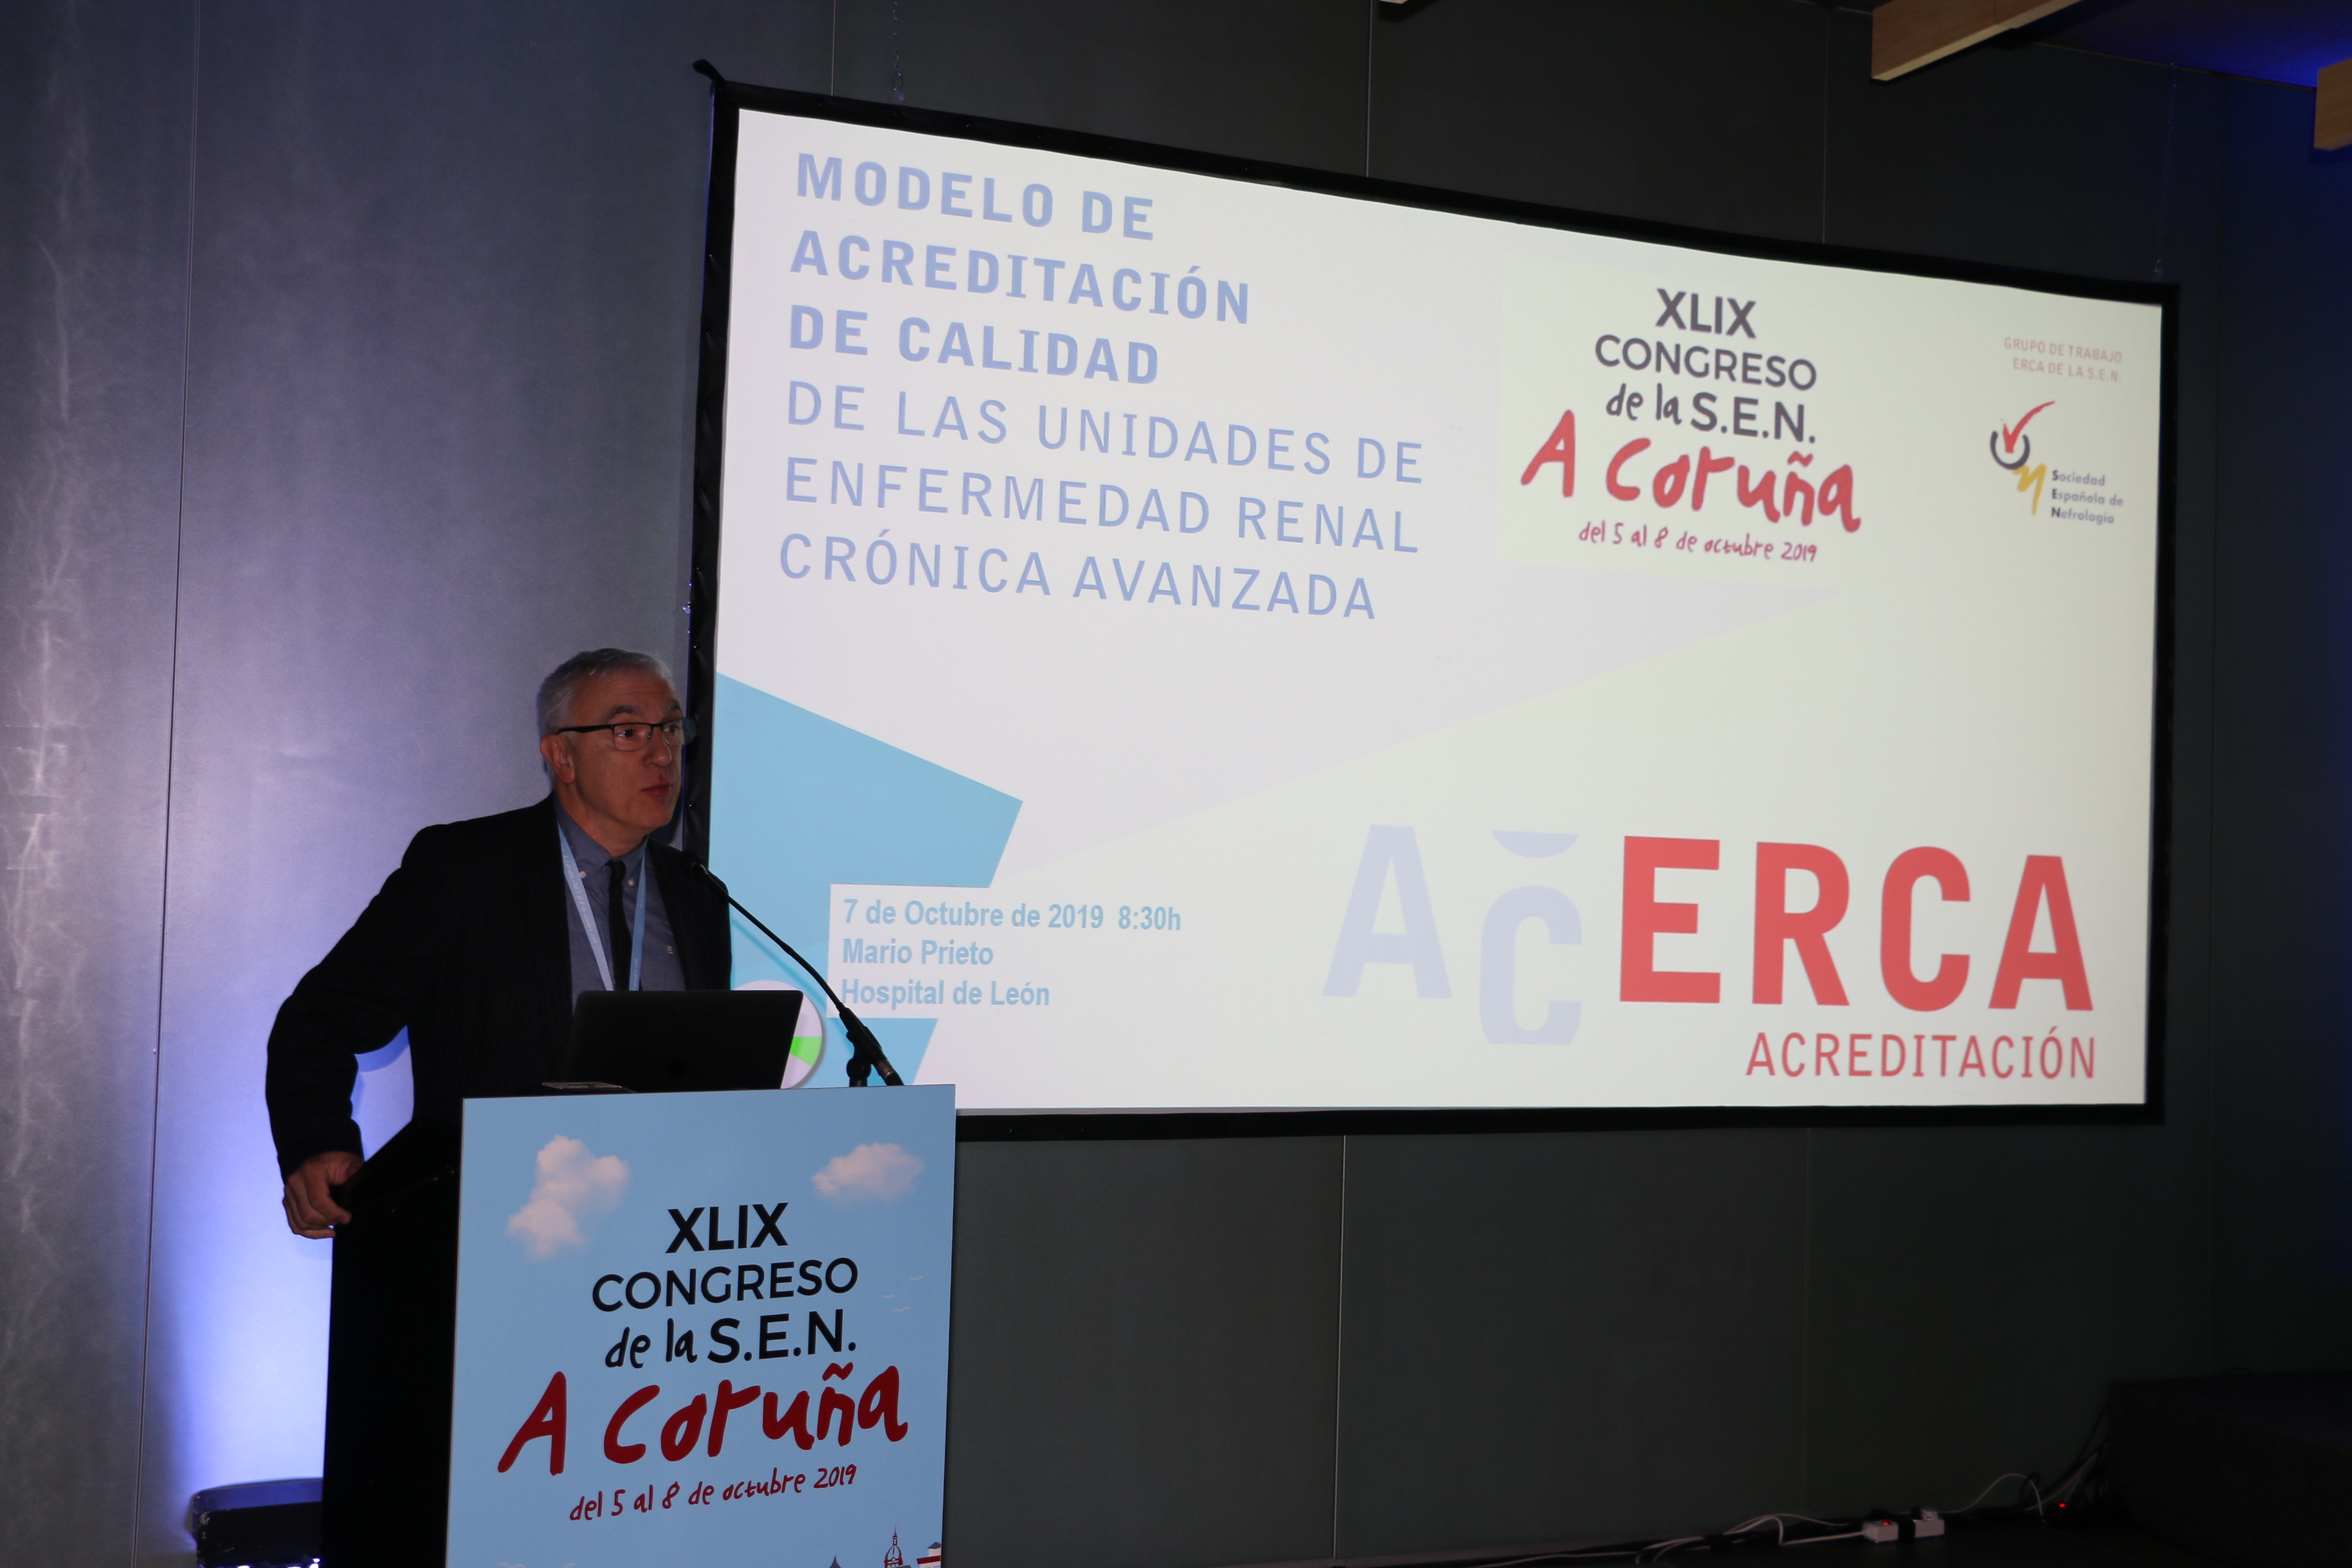 El Complejo Asistencial Universitario de León pilota, junto a otros 6 hospitales españoles, un modelo de excelencia para mejorar la atención al paciente con Enfermedad Renal Crónica Avanzada (ERCA)